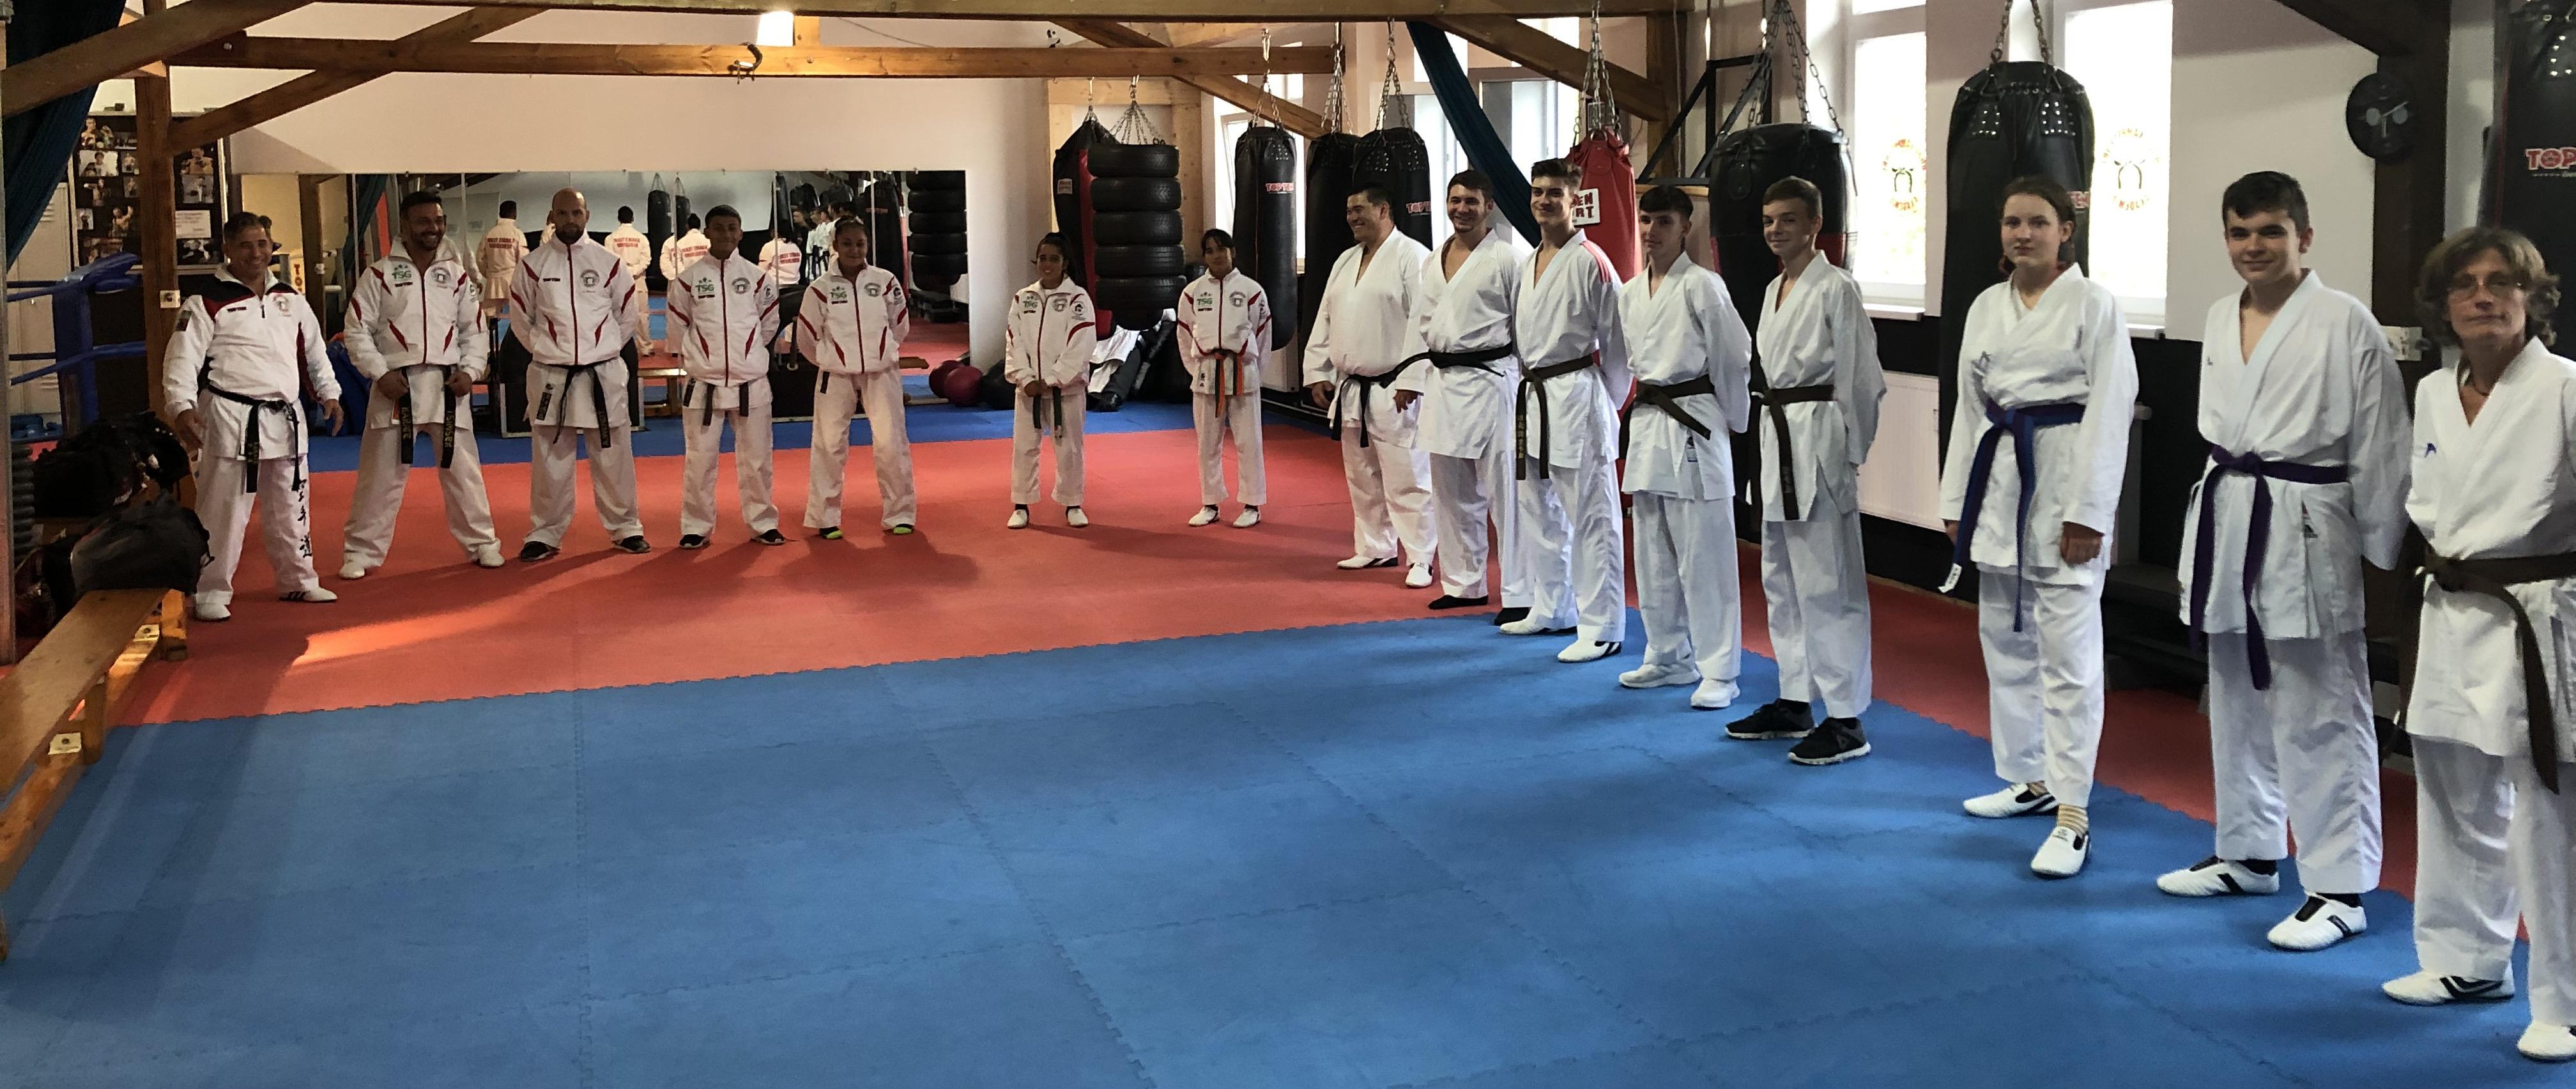 Karate Budo Kampfsport